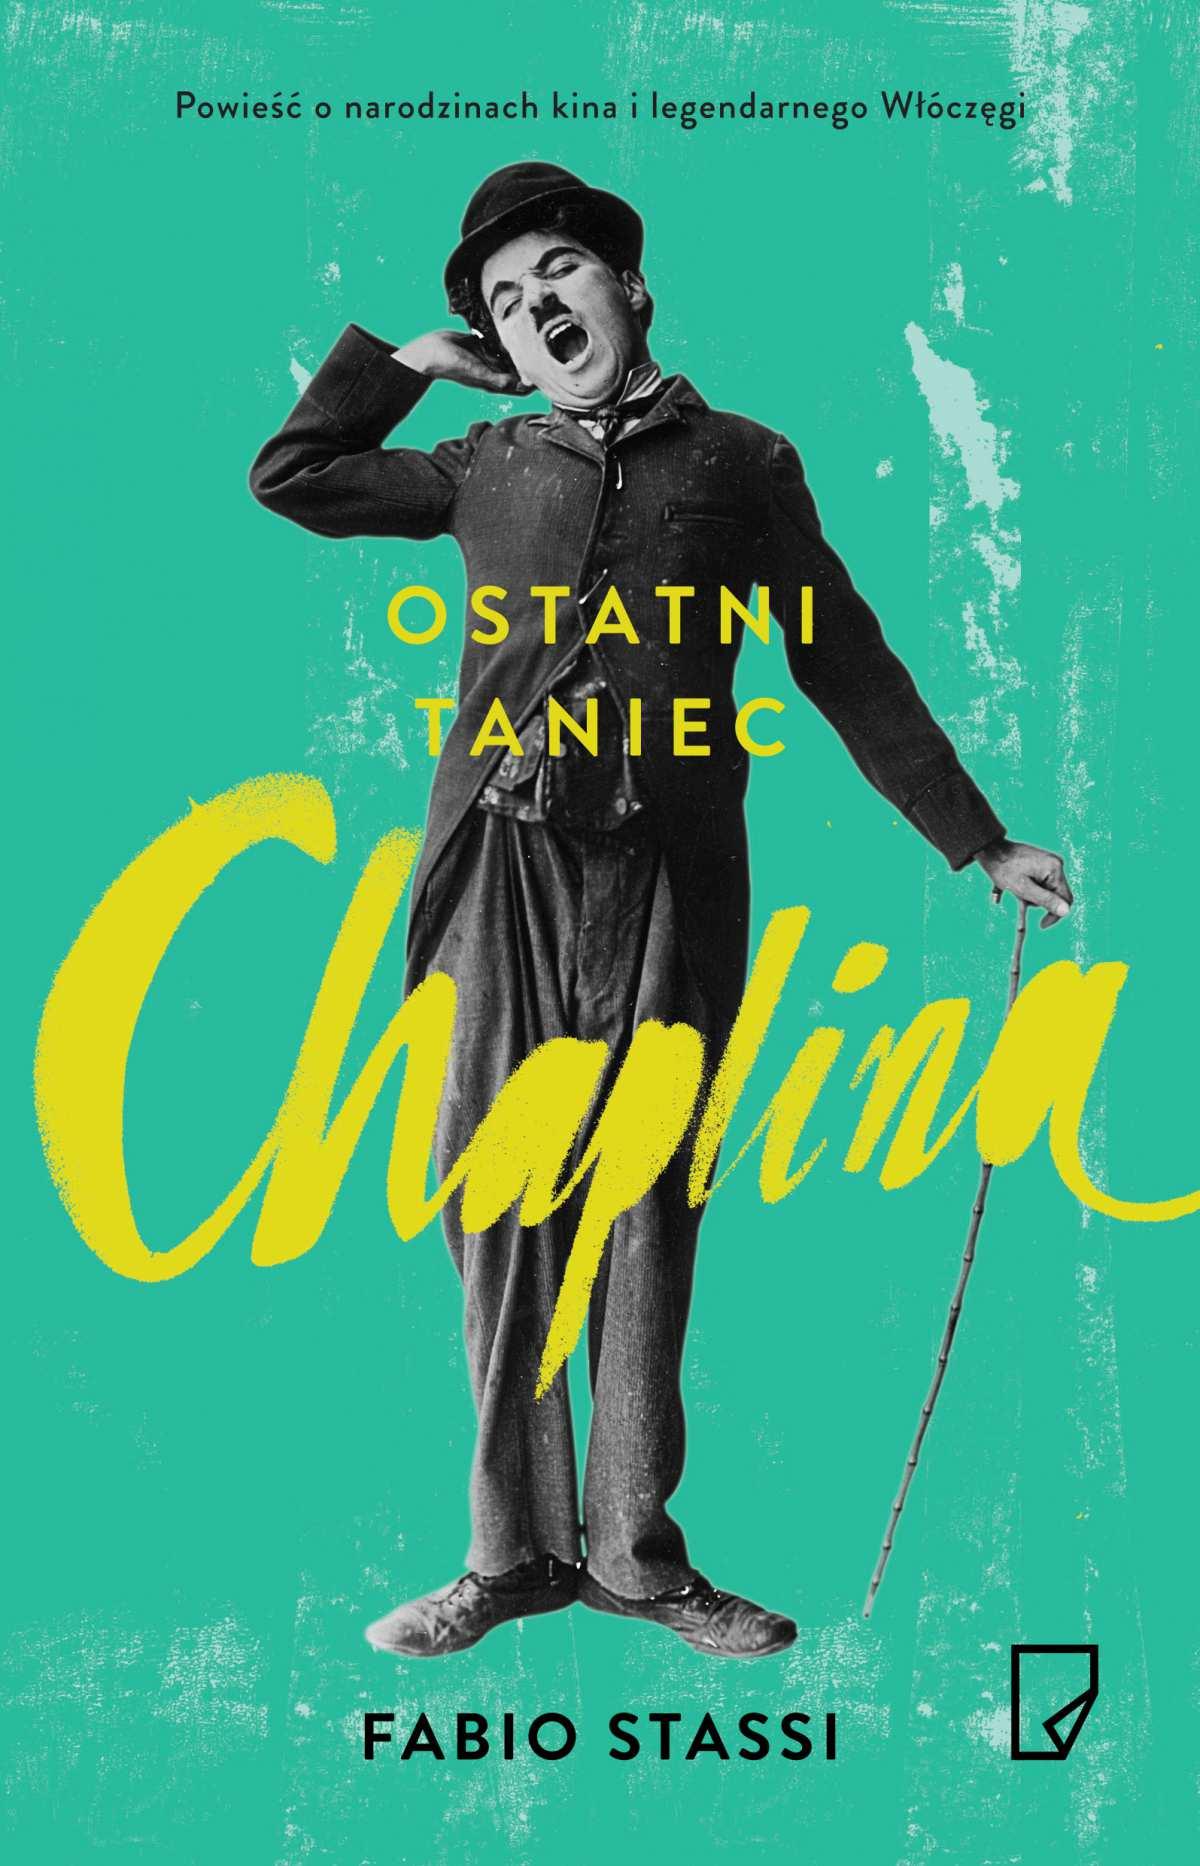 Ostatni taniec Chaplina - Ebook (Książka na Kindle) do pobrania w formacie MOBI